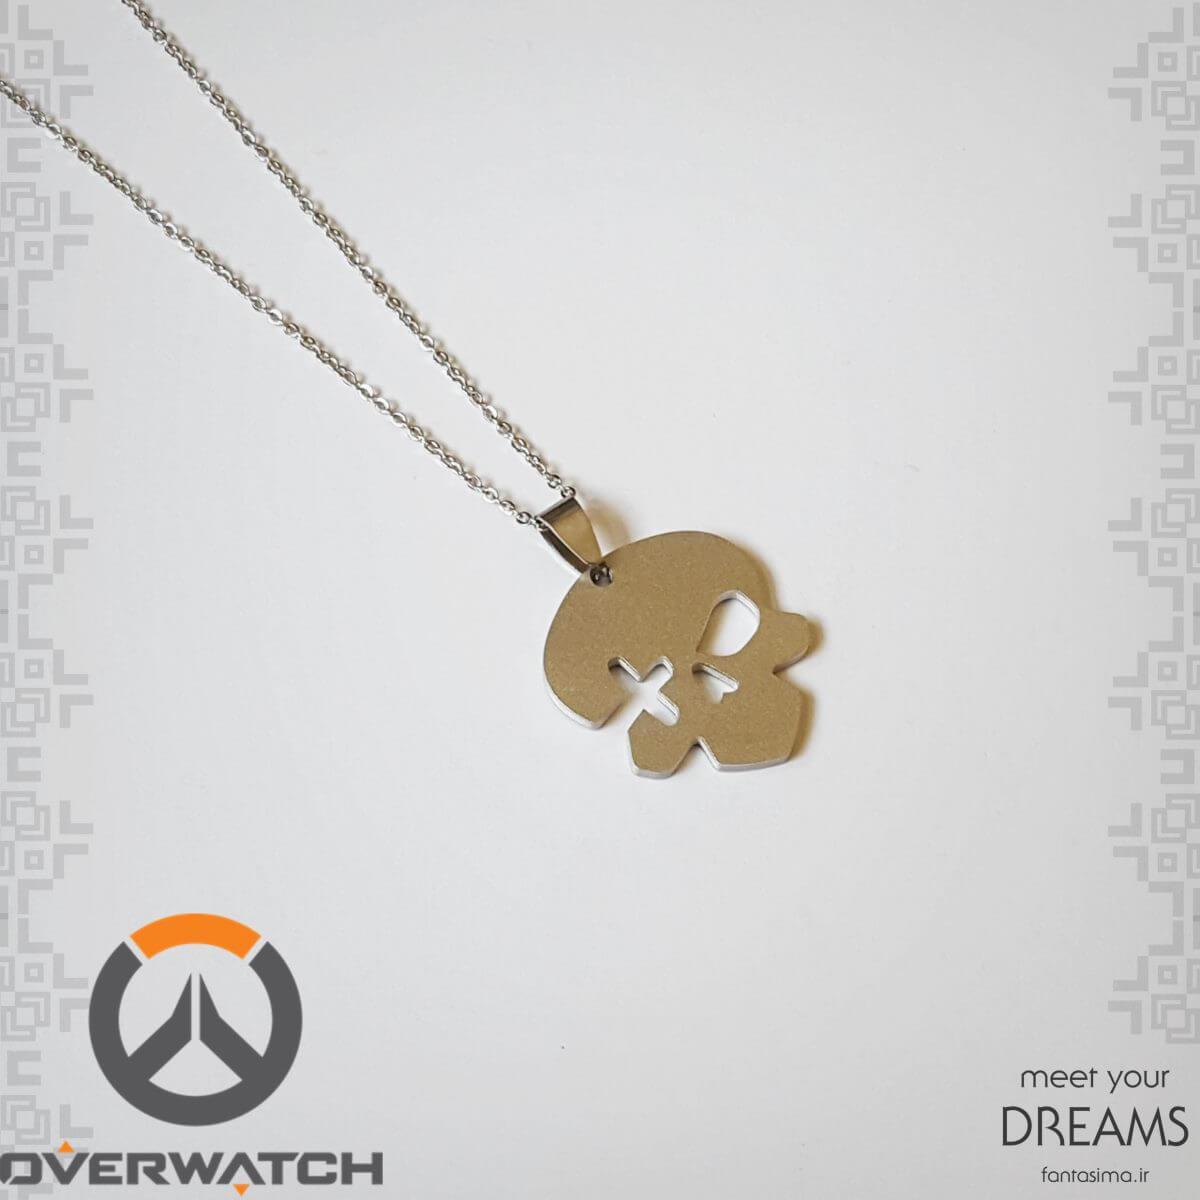 گردنبند نماد مکری -اورواچ  - مات